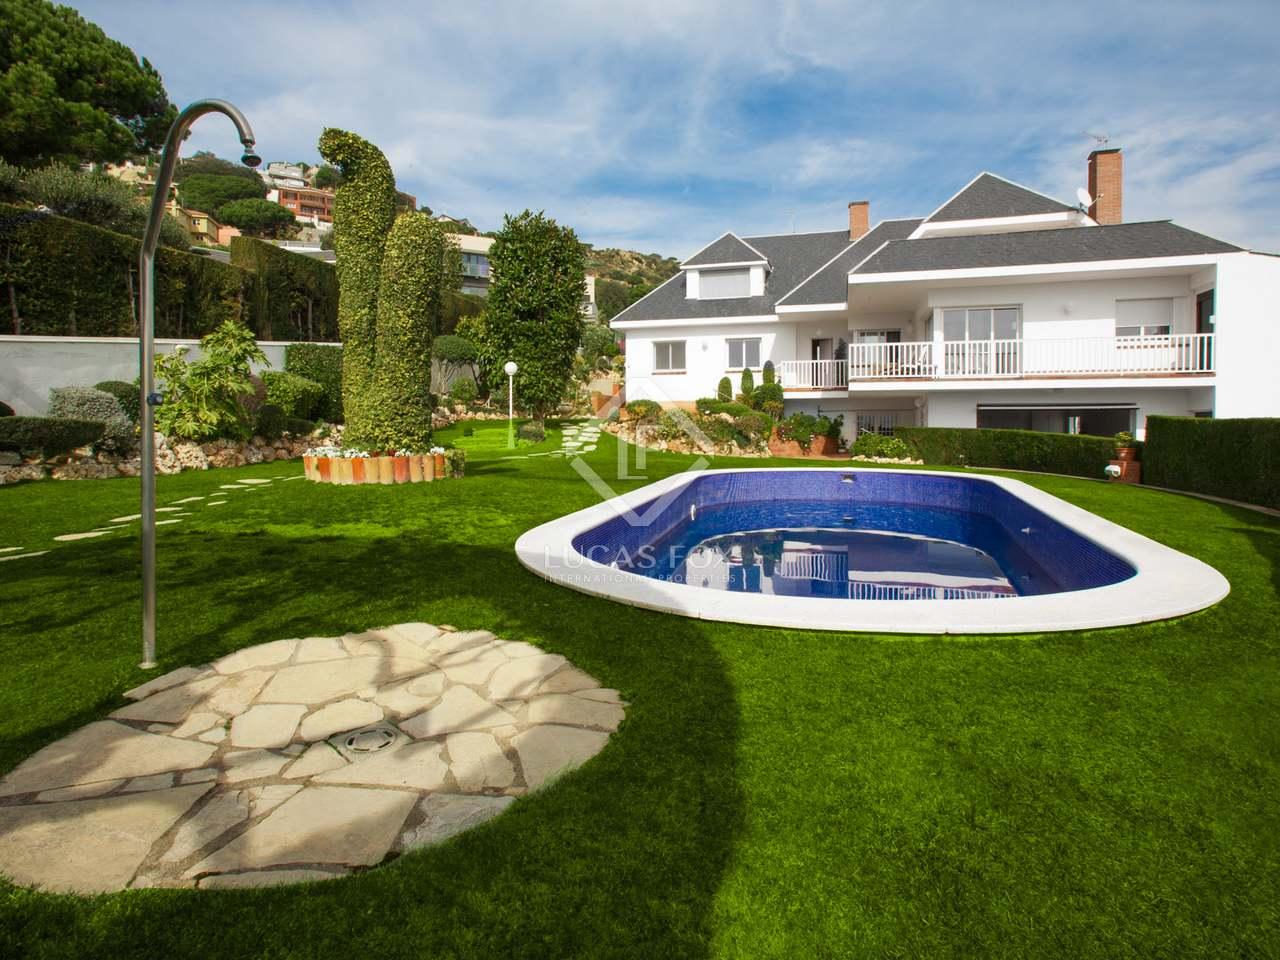 Espaciosa villa en venta en mas ram tiana - Casa jardin badalona ...